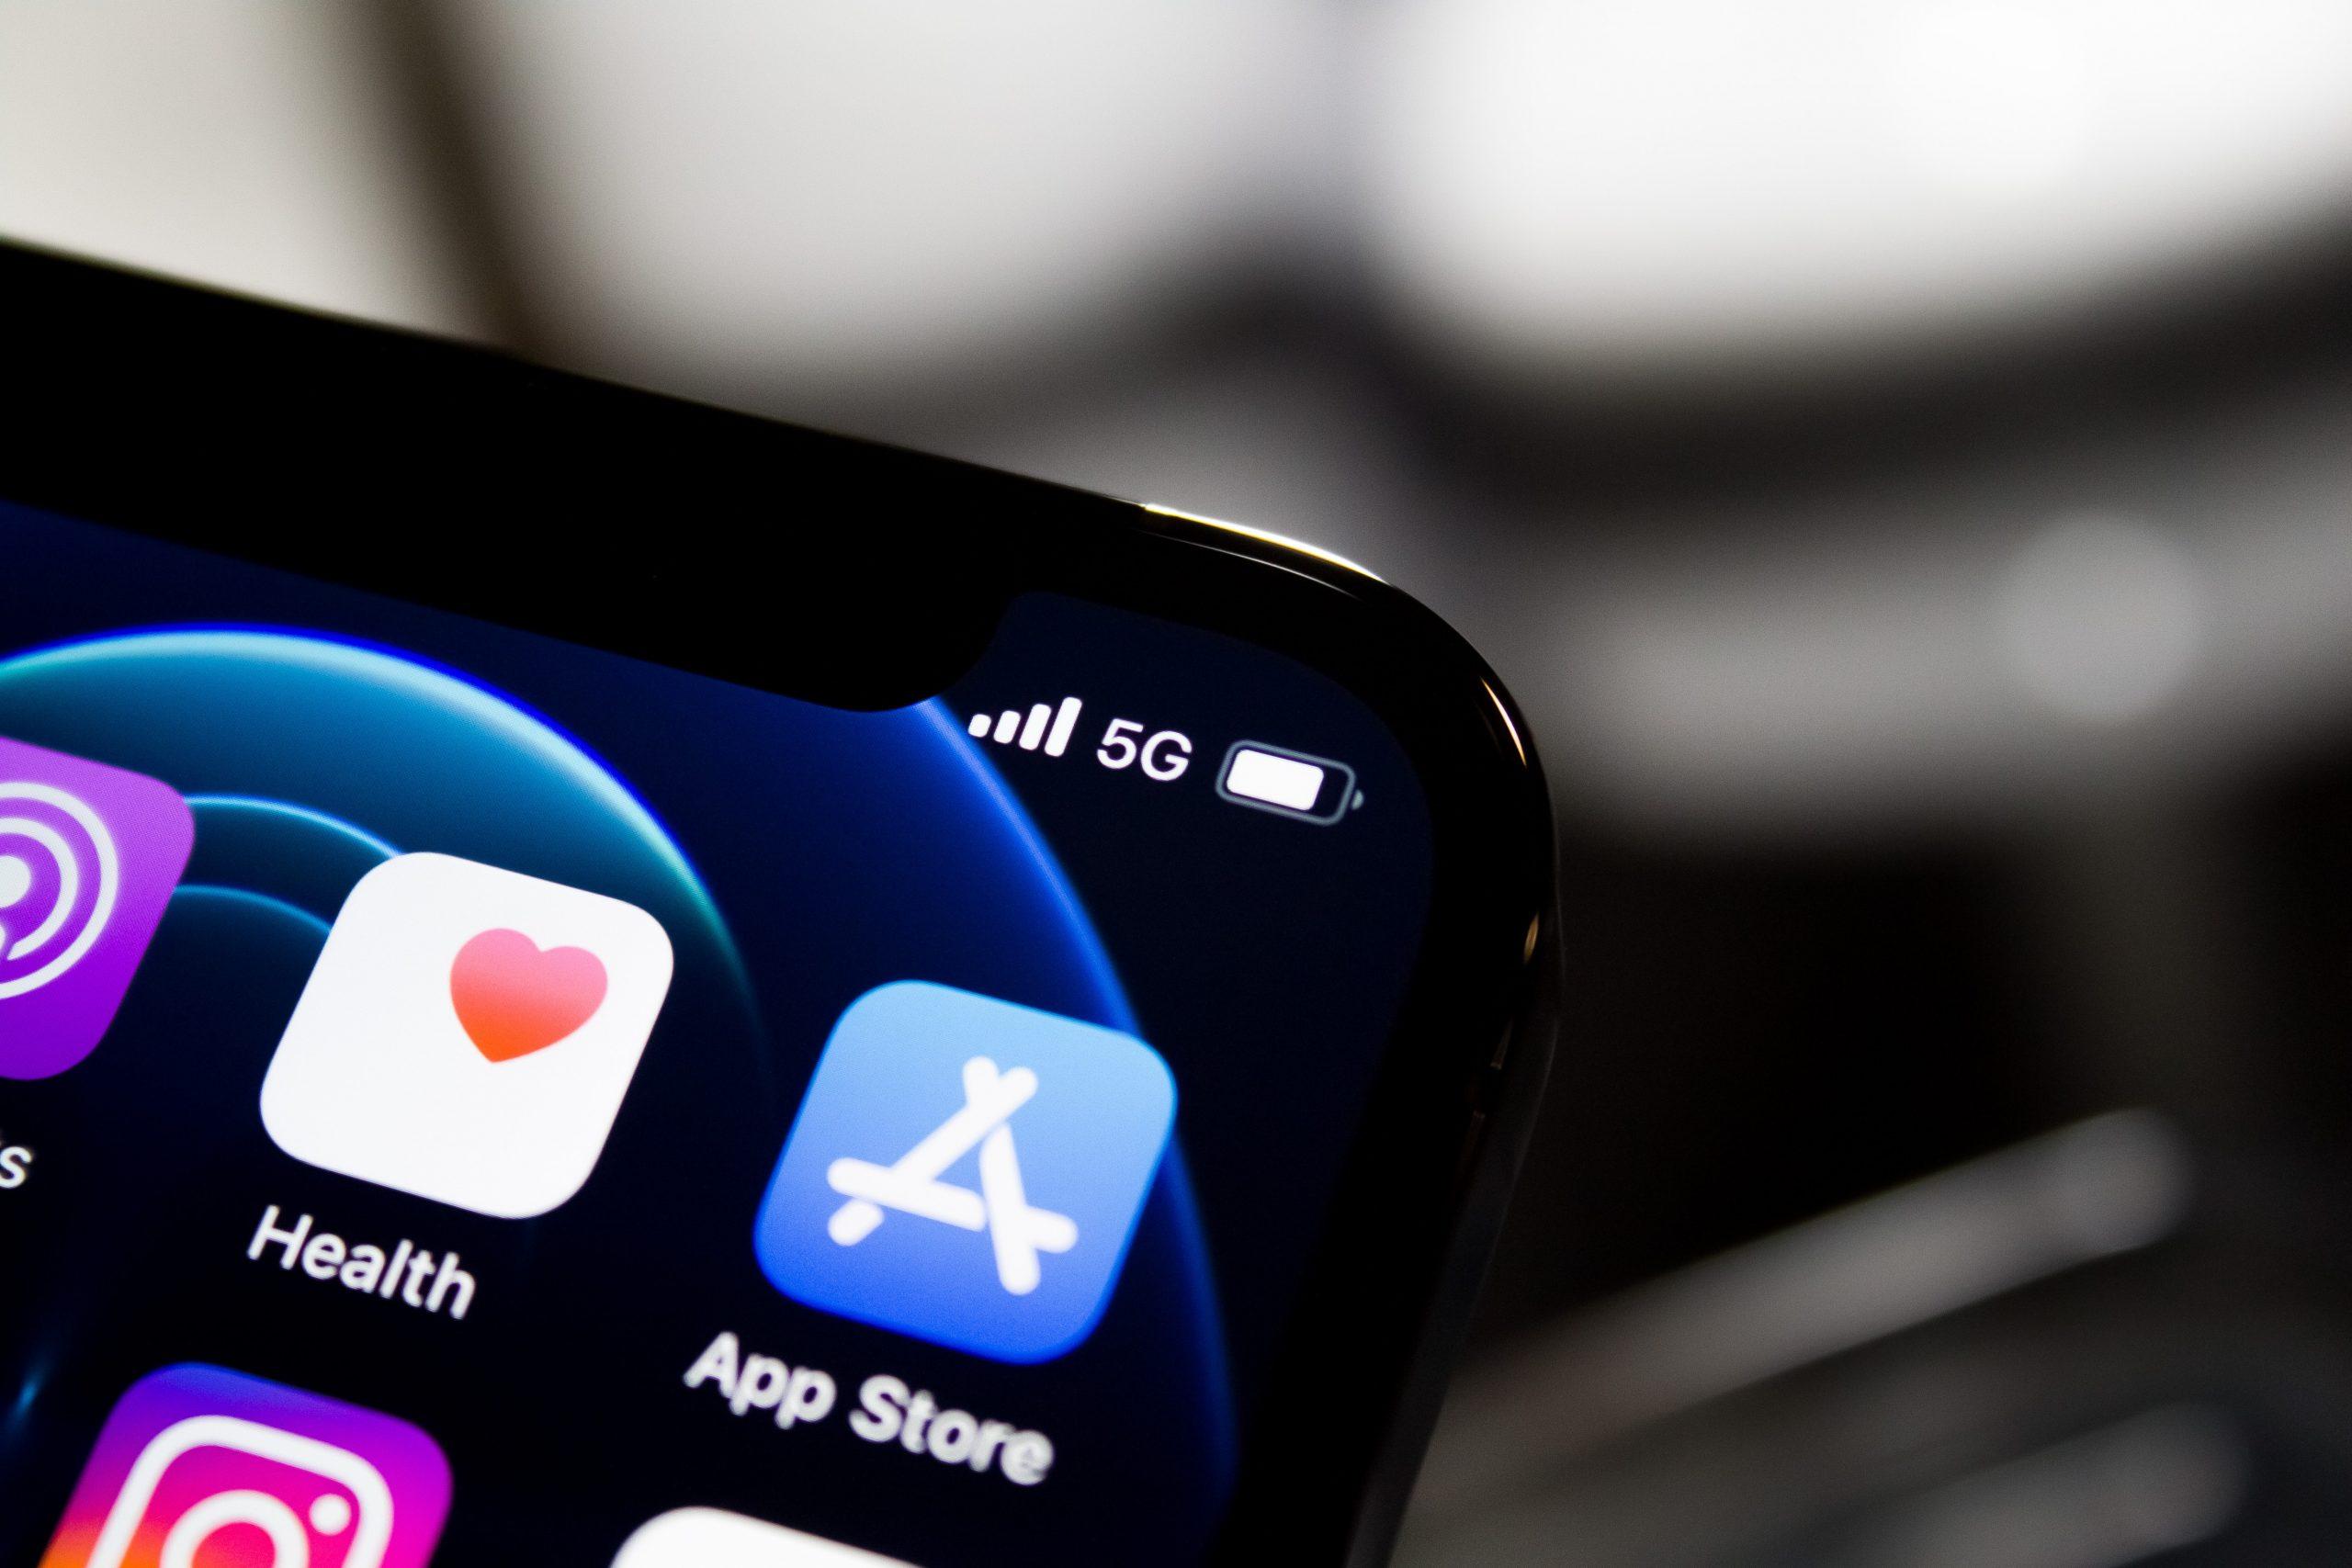 Leilão do 5G deve sair até a primeira quinzena de outubro